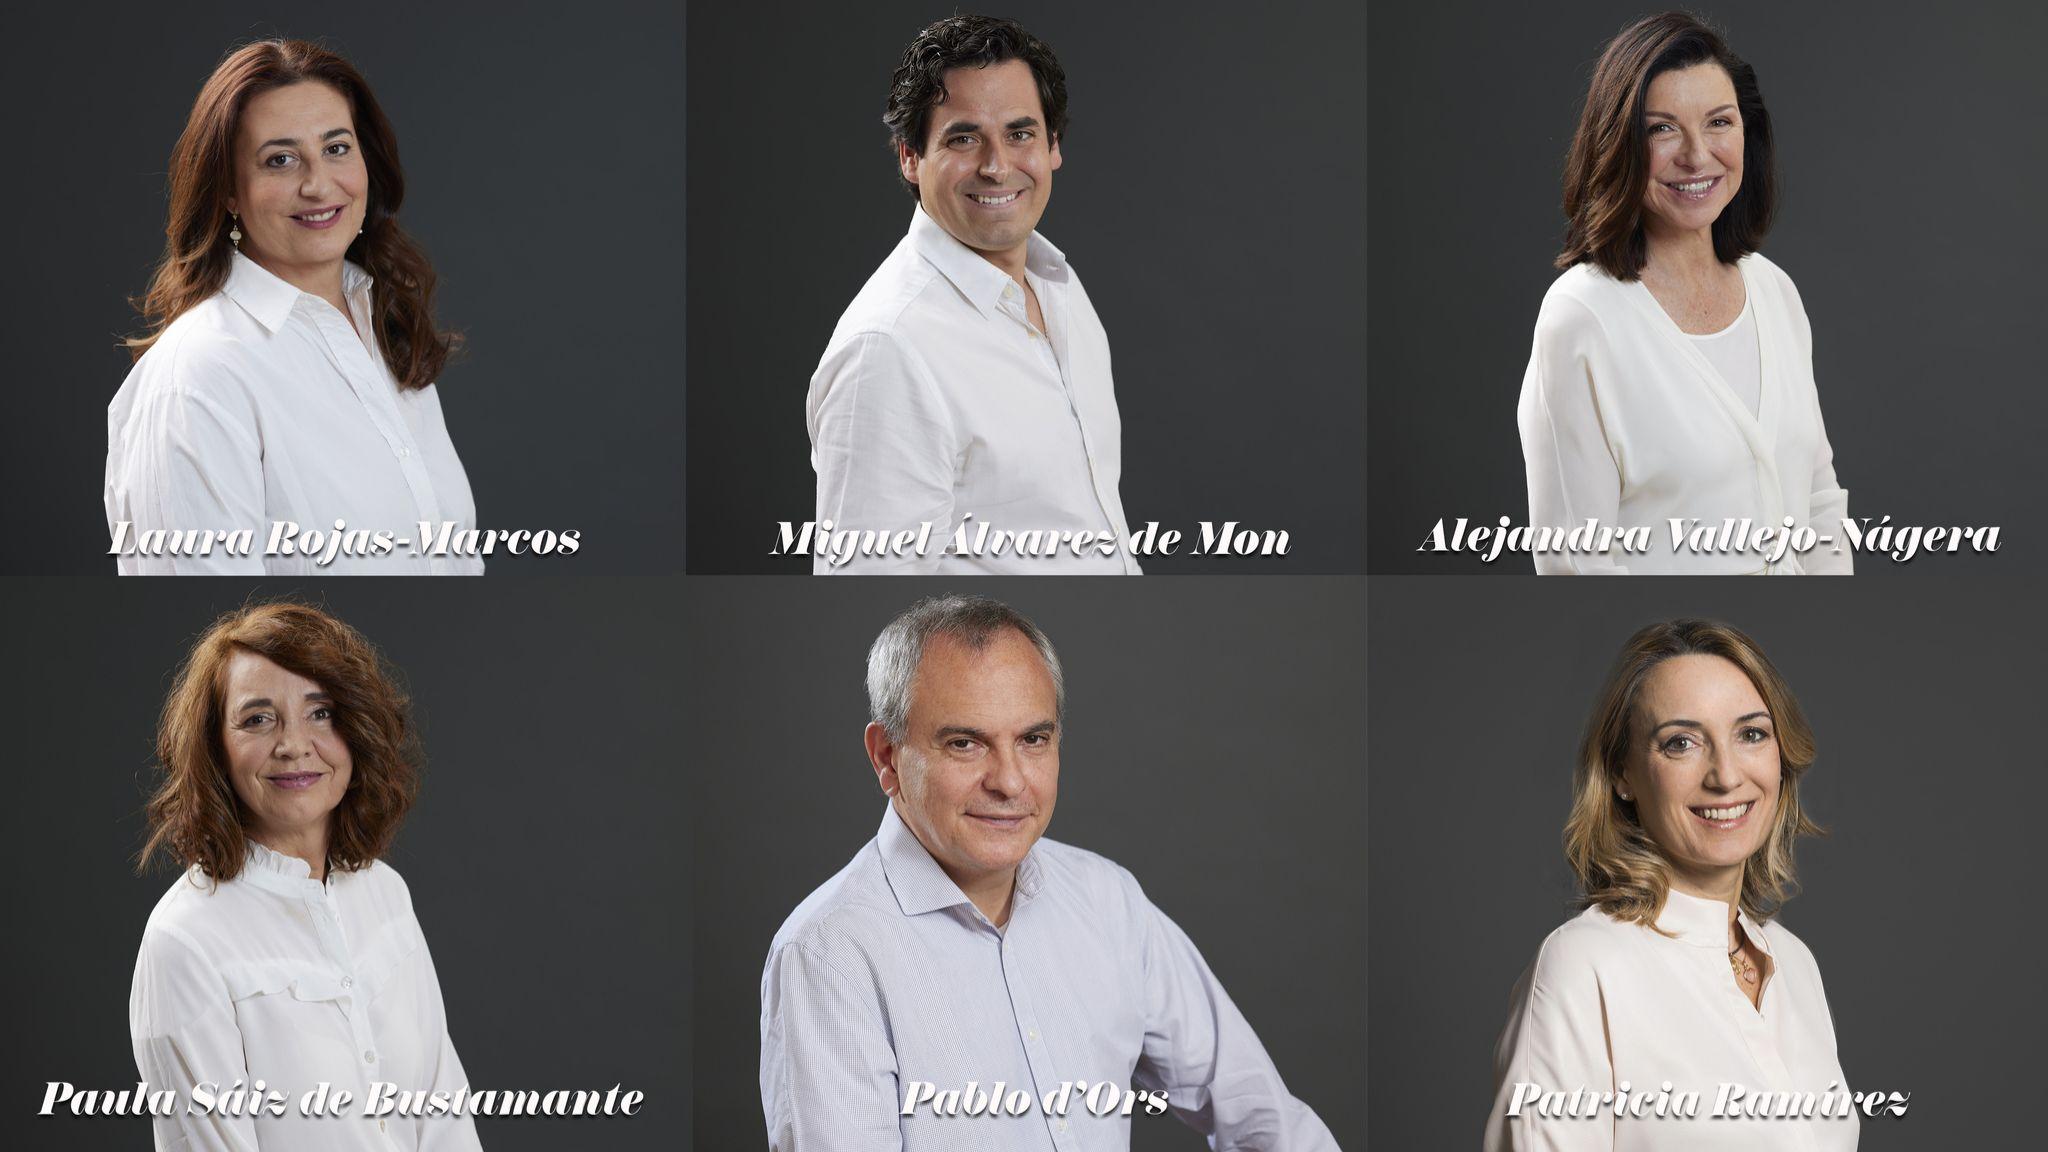 De izda a dcha: Laura Rojas-Marcos, Miguel Álvarez de Mon, Alejandra Vallejo Nágera, Paula Sáiz de Bustamante, Pablo d'Ors y Patricia Ramírez.